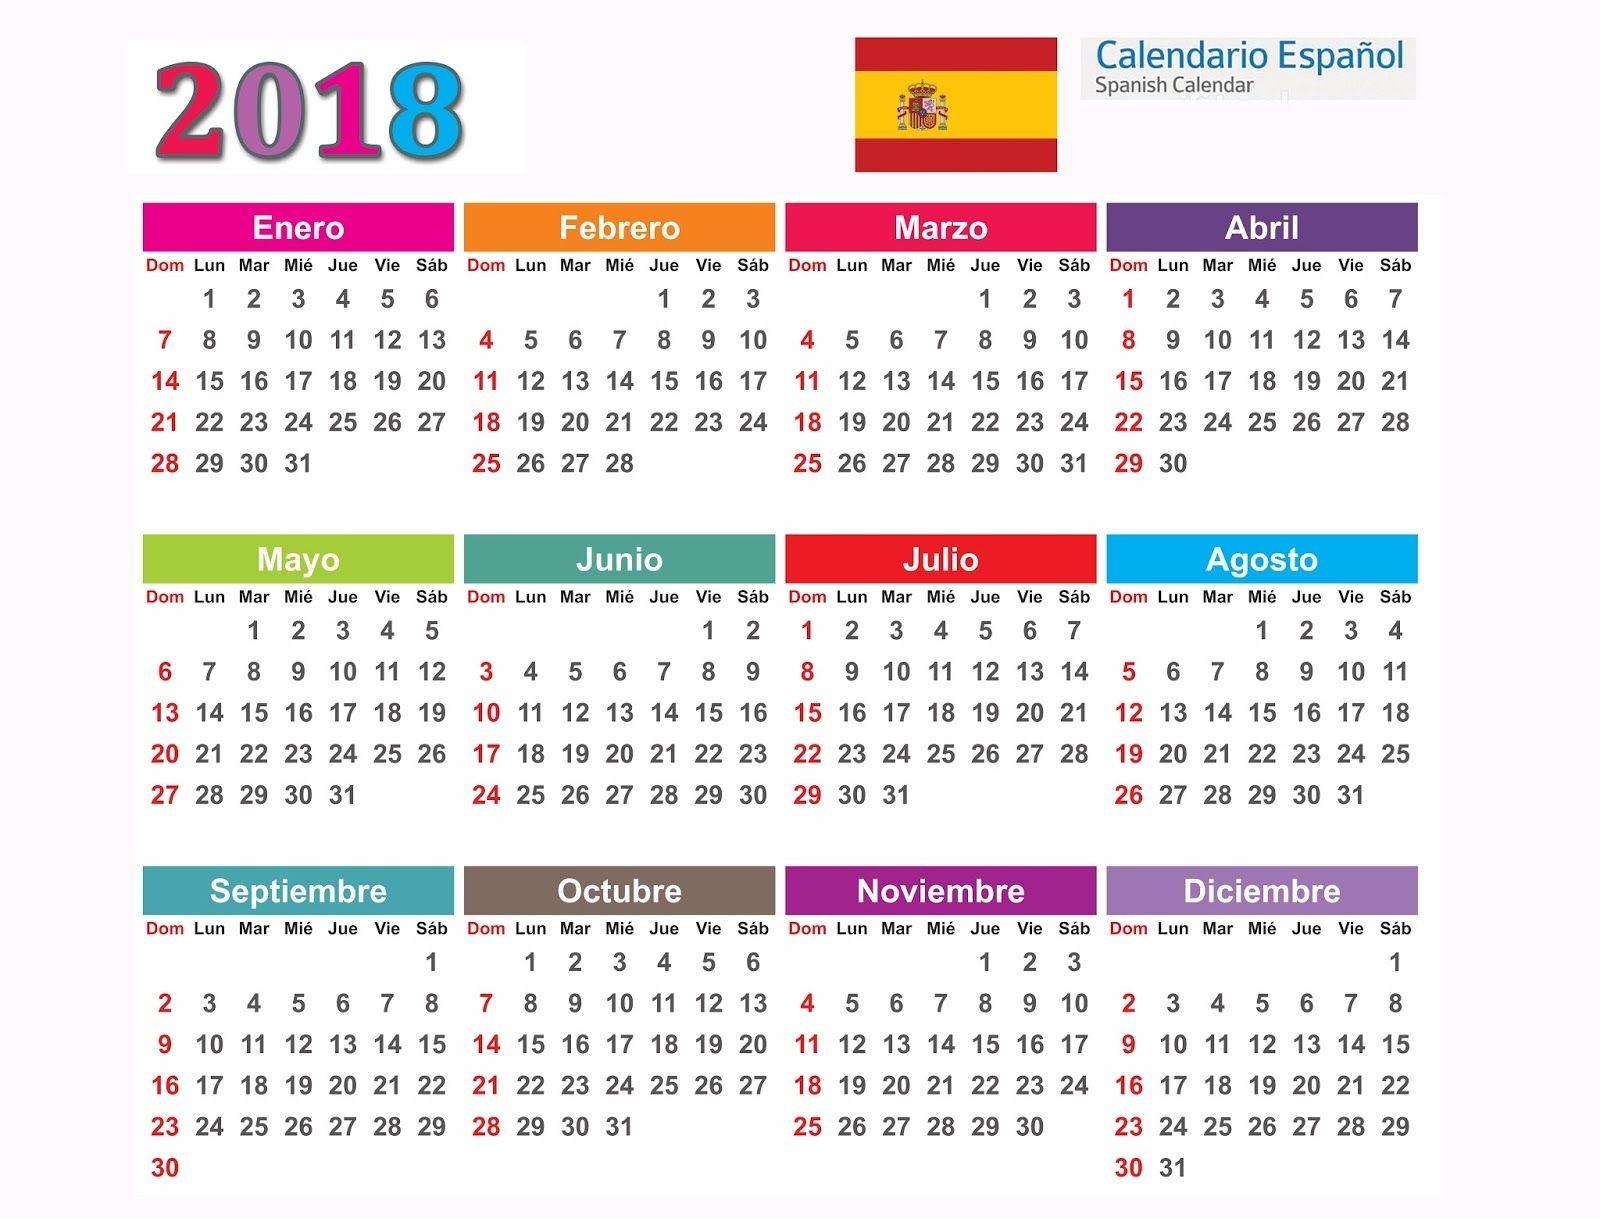 Calendário 2019 Excel Com Feriados Más Caliente Partilhando Ideias Calendrio 2018 Calendrio T Of Calendário 2019 Excel Com Feriados Más Recientes Calendario Novembro 2018 Imprimir T